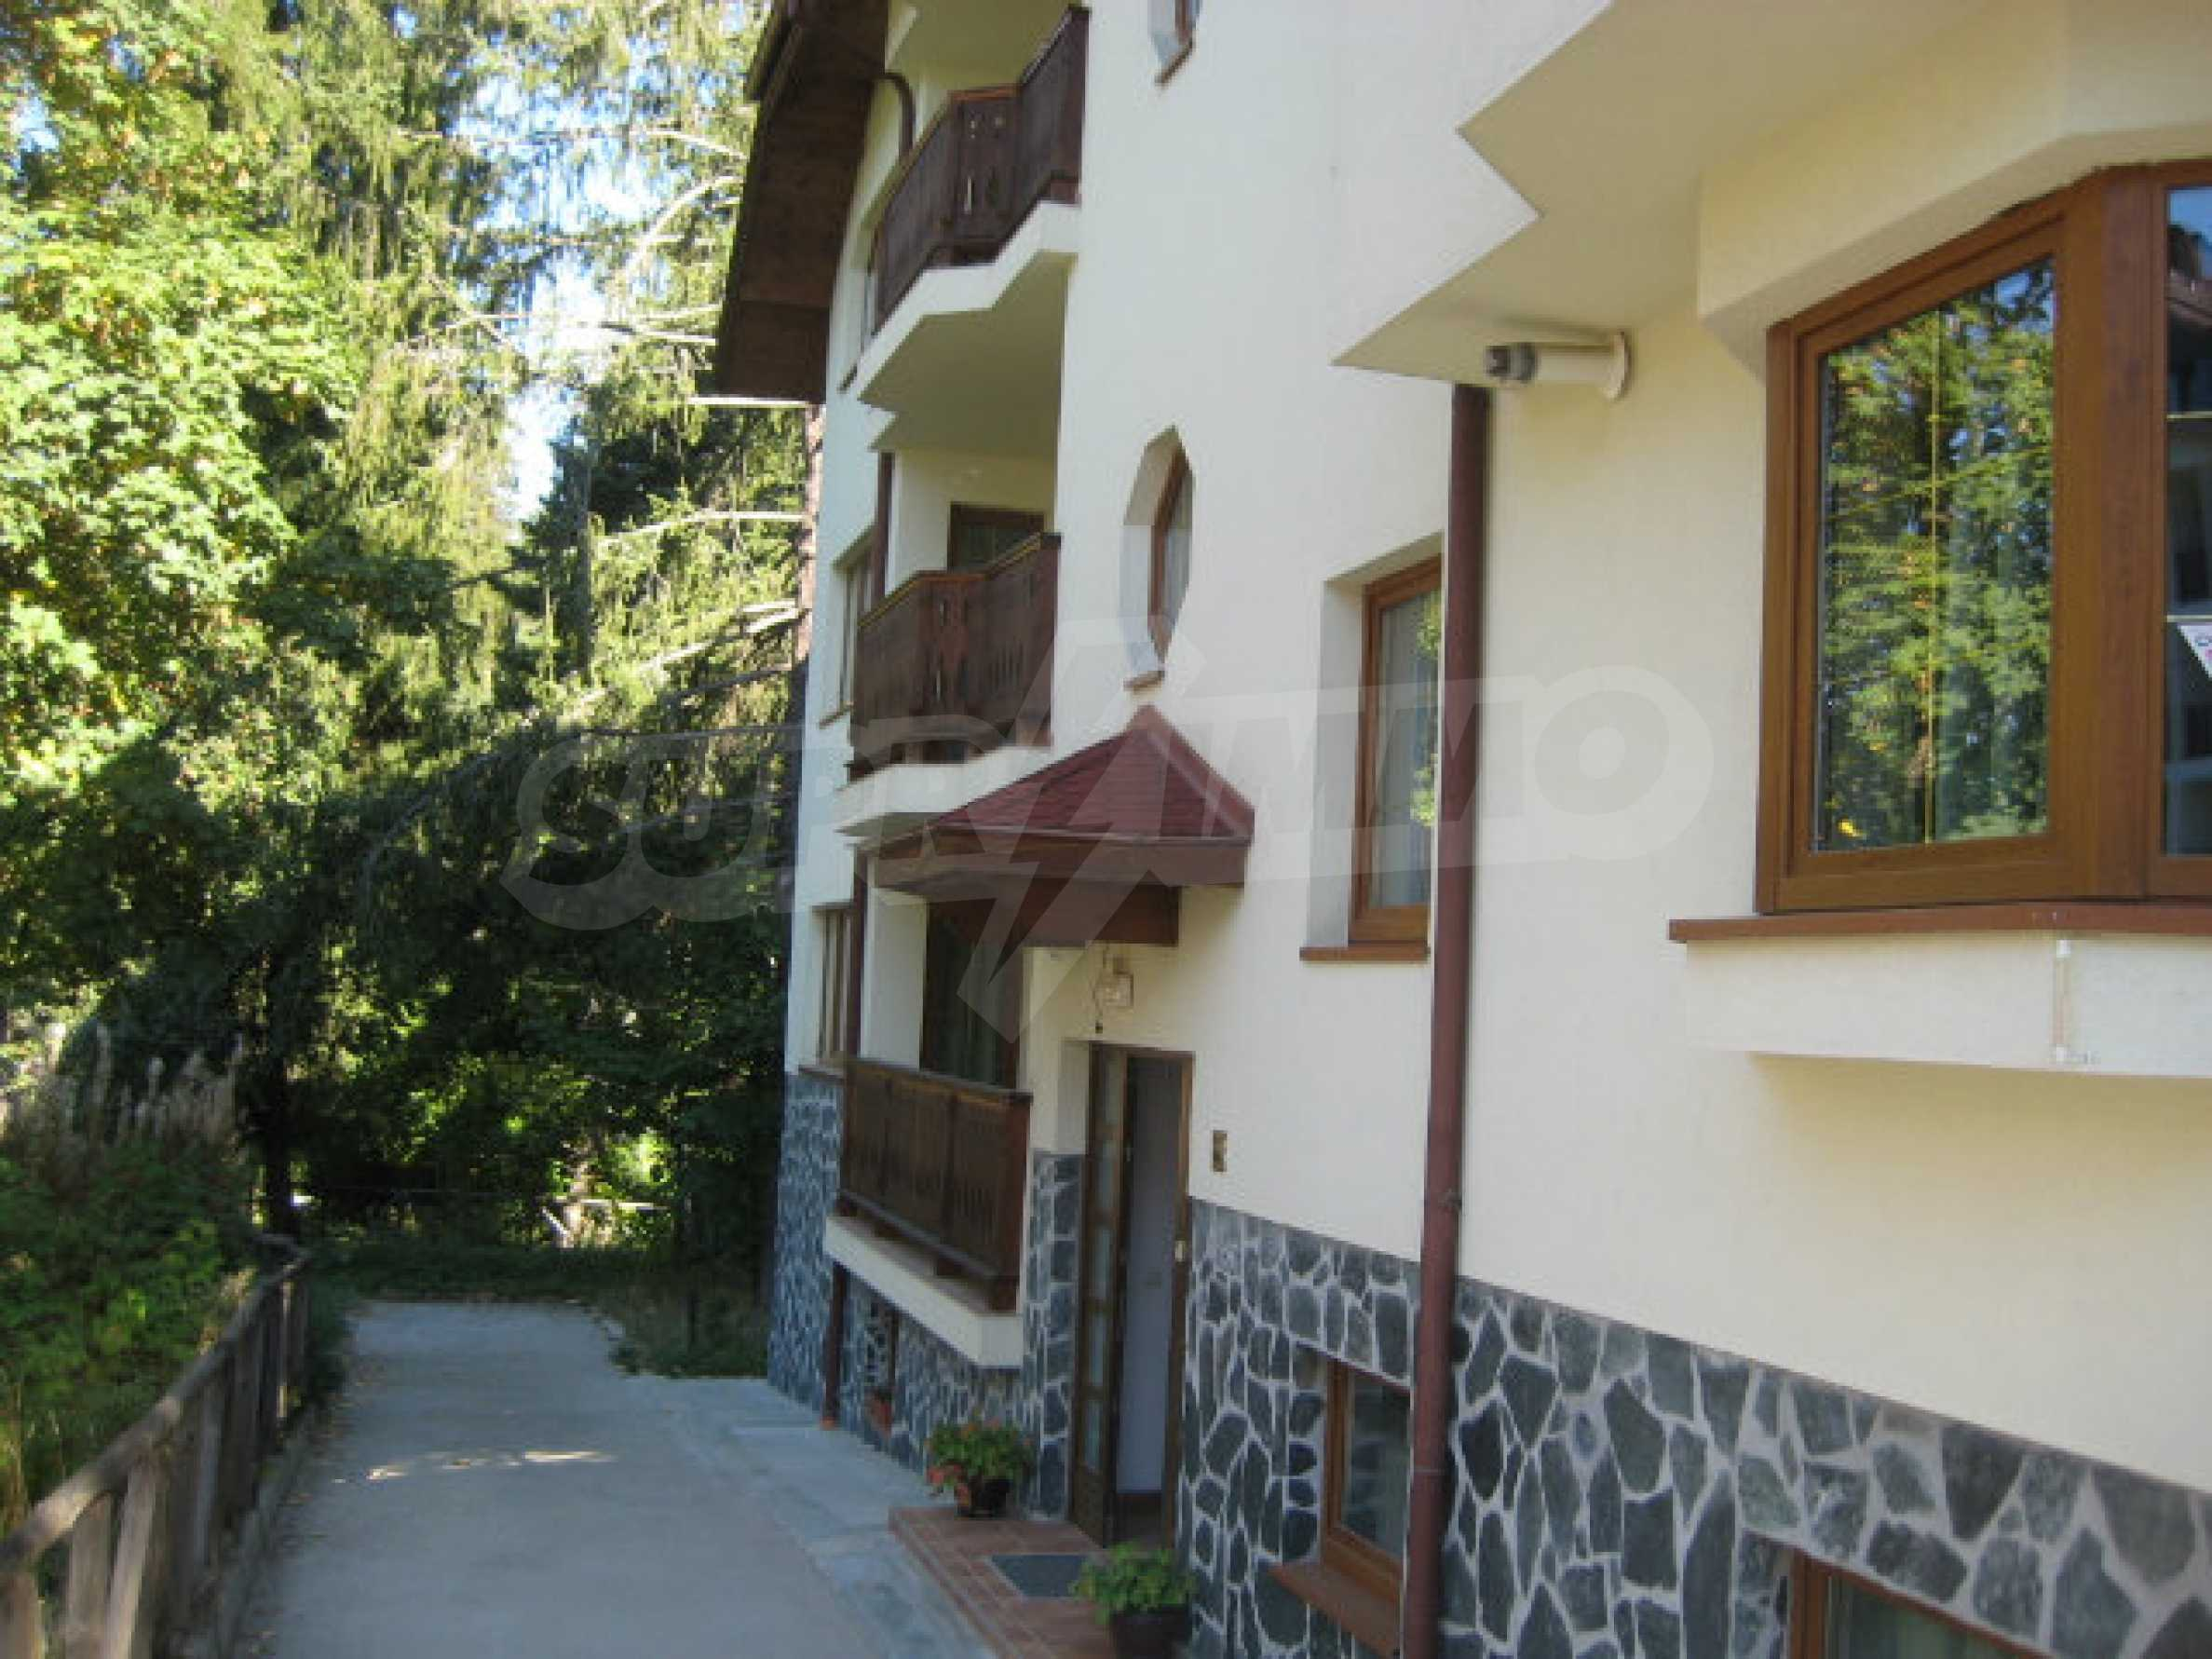 Апартаменти в алпийски стил само на 400 м от лифта в Боровец 2